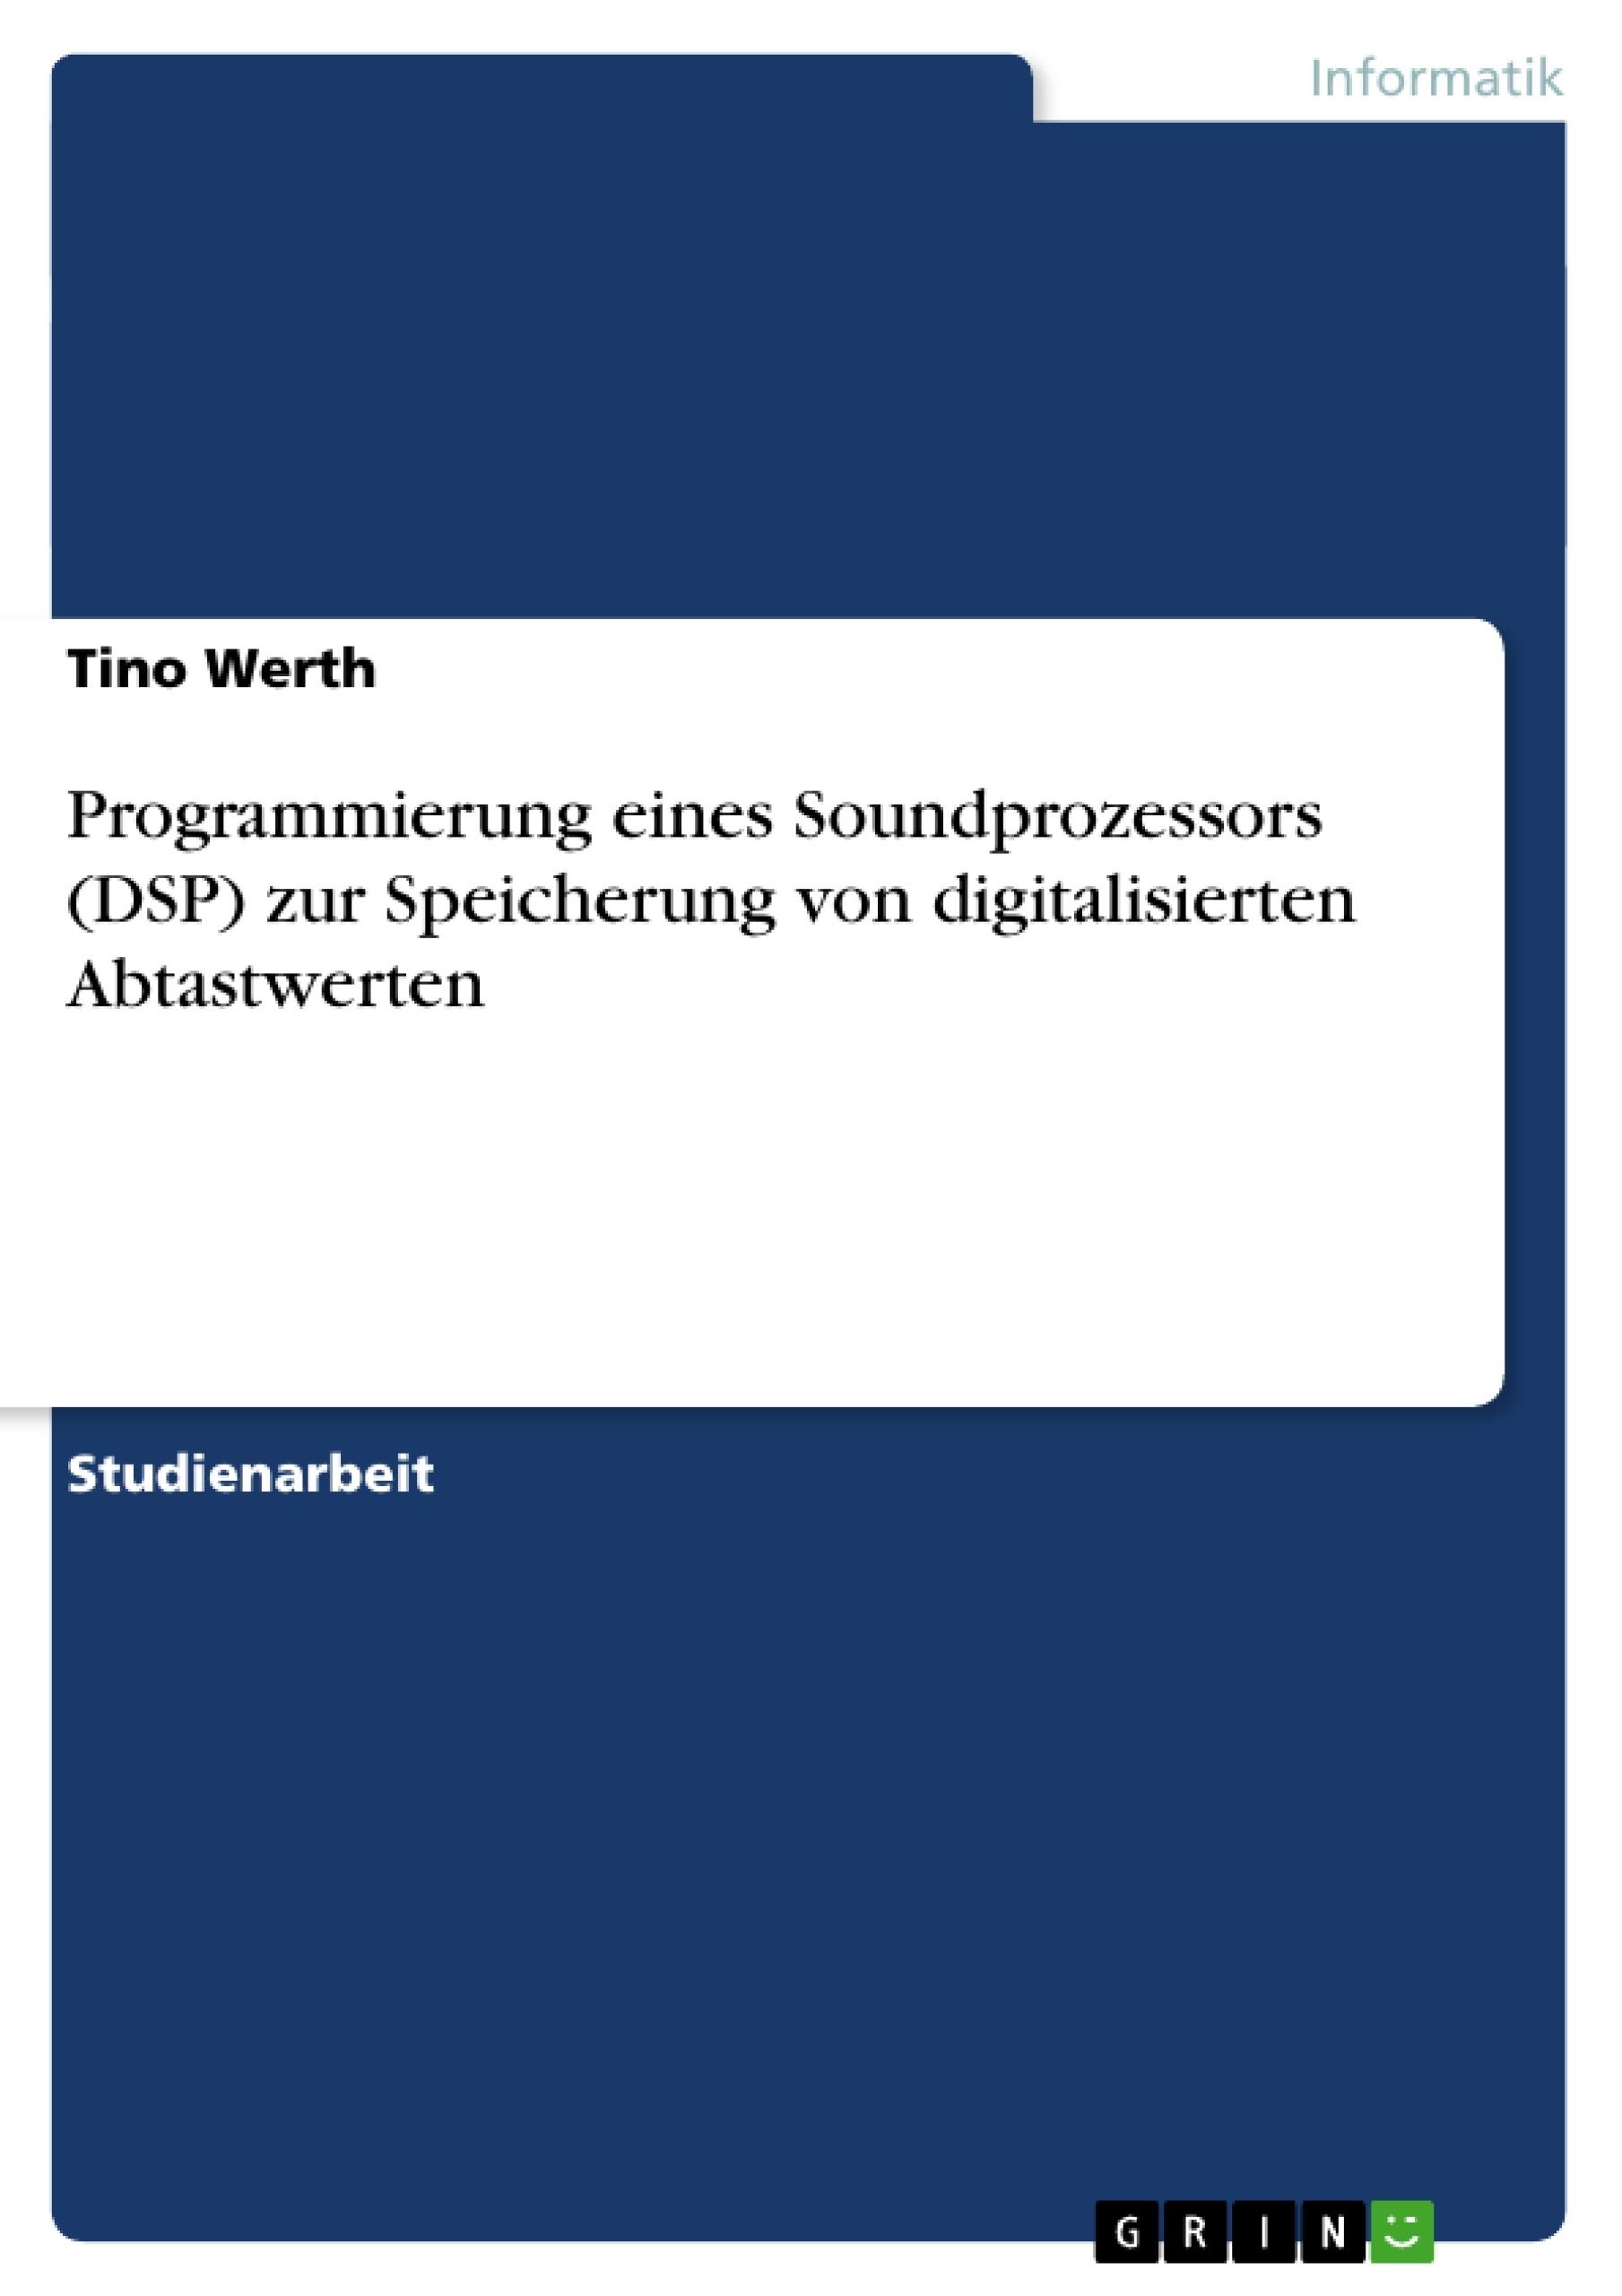 Titel: Programmierung eines Soundprozessors (DSP) zur Speicherung von digitalisierten Abtastwerten